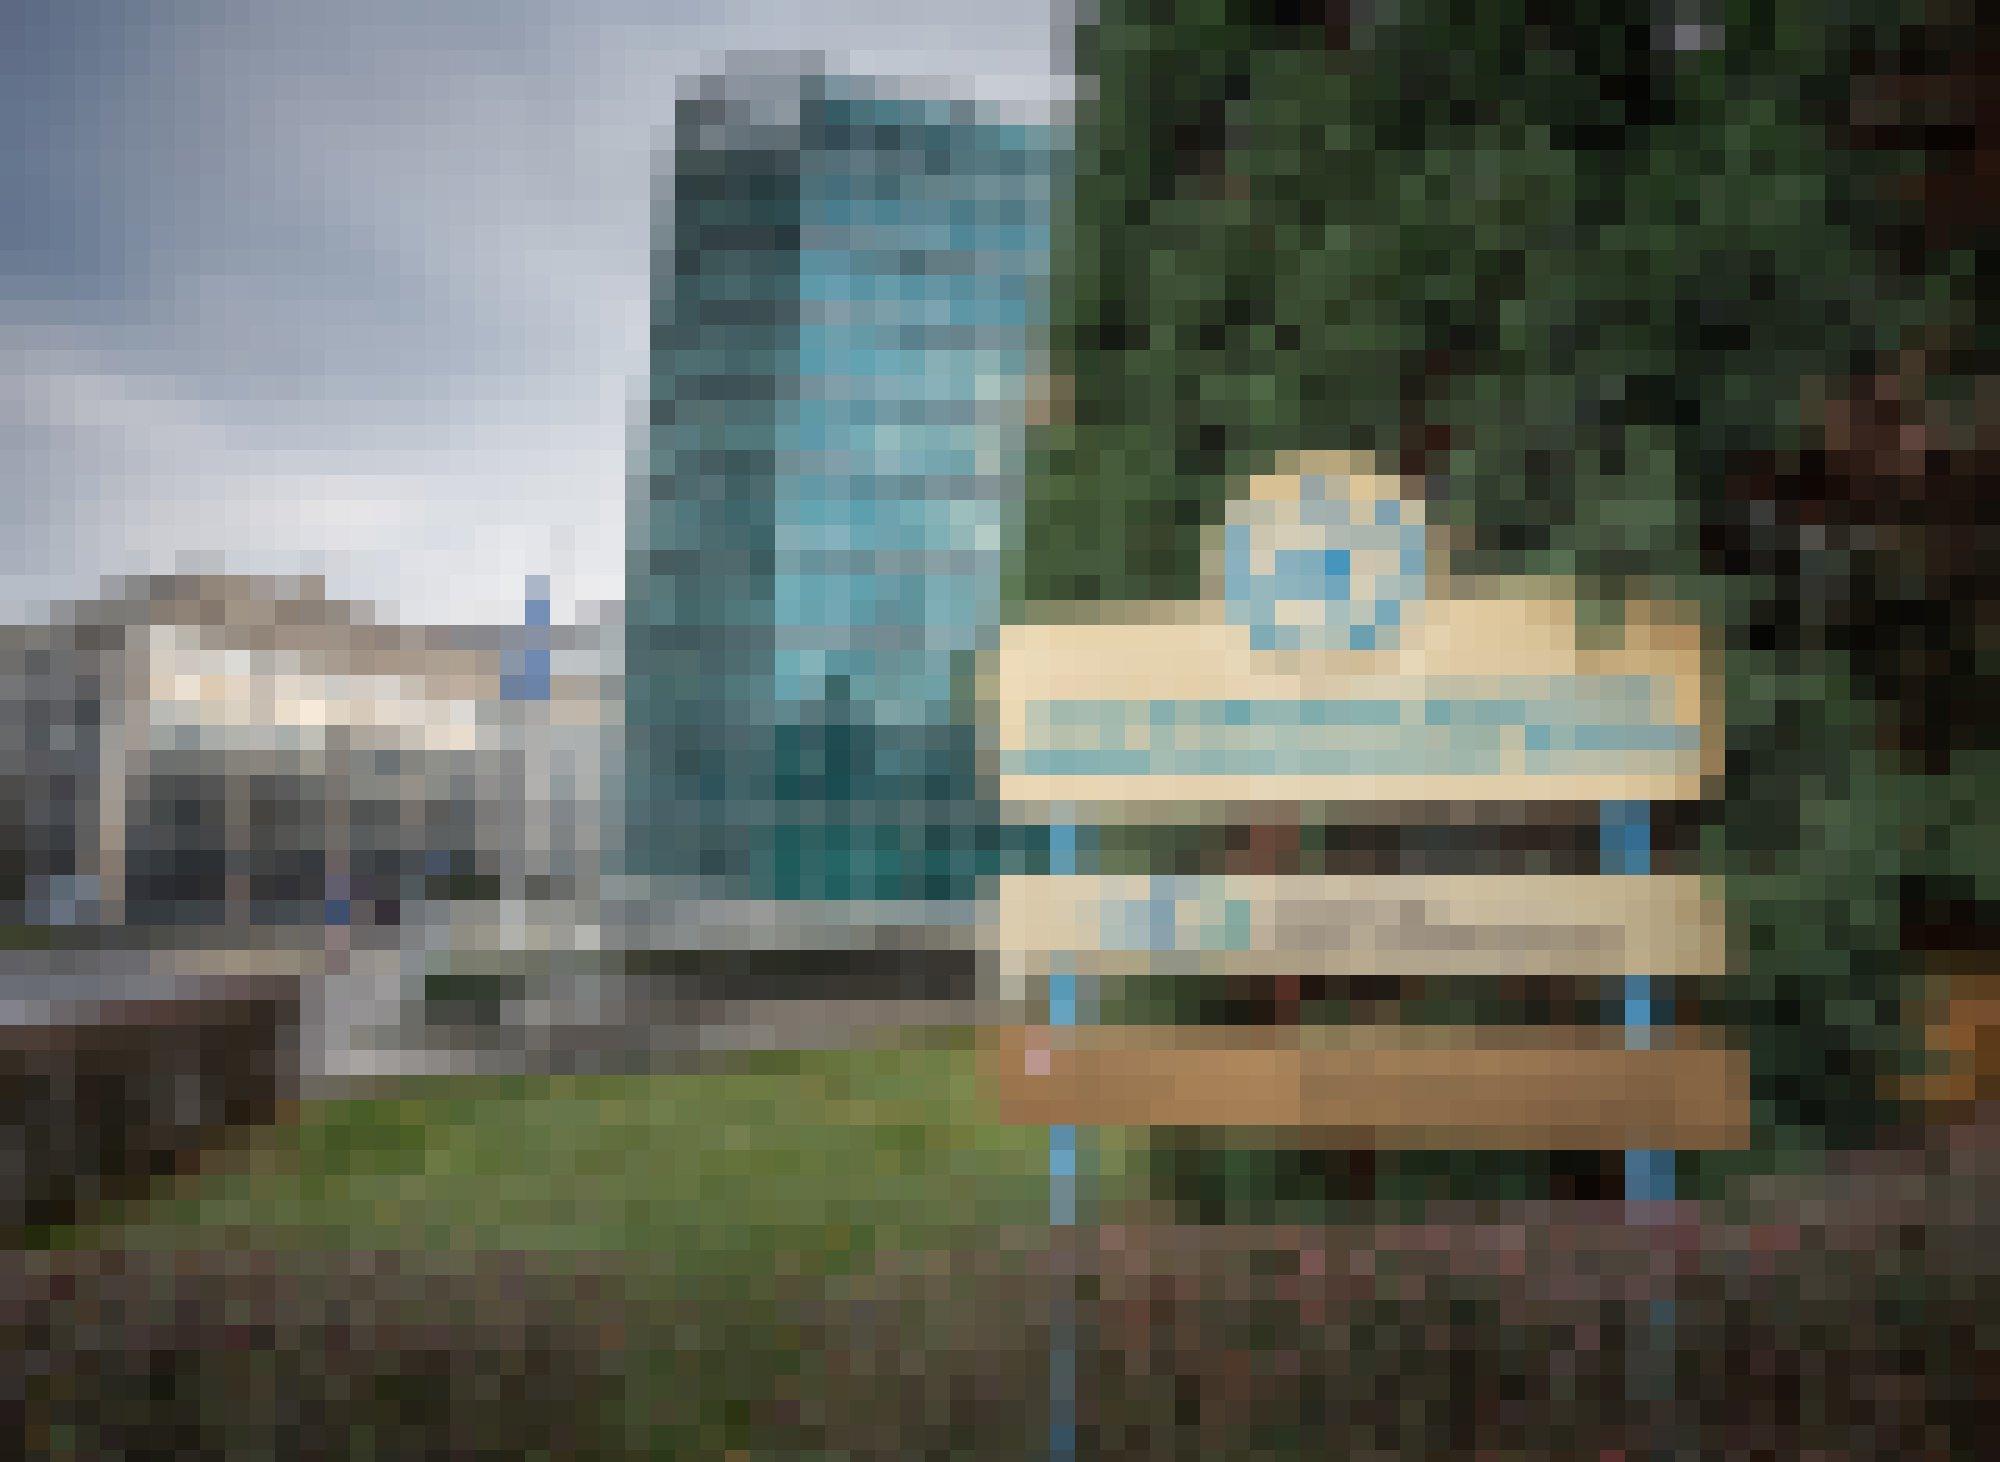 Das Bild zeigt das Hochhaus, in dem der Weltklimarat IPCC in den Räumlichkeiten der Weltorganisation für Meteorologie (WMO) in Genf untergebracht ist.